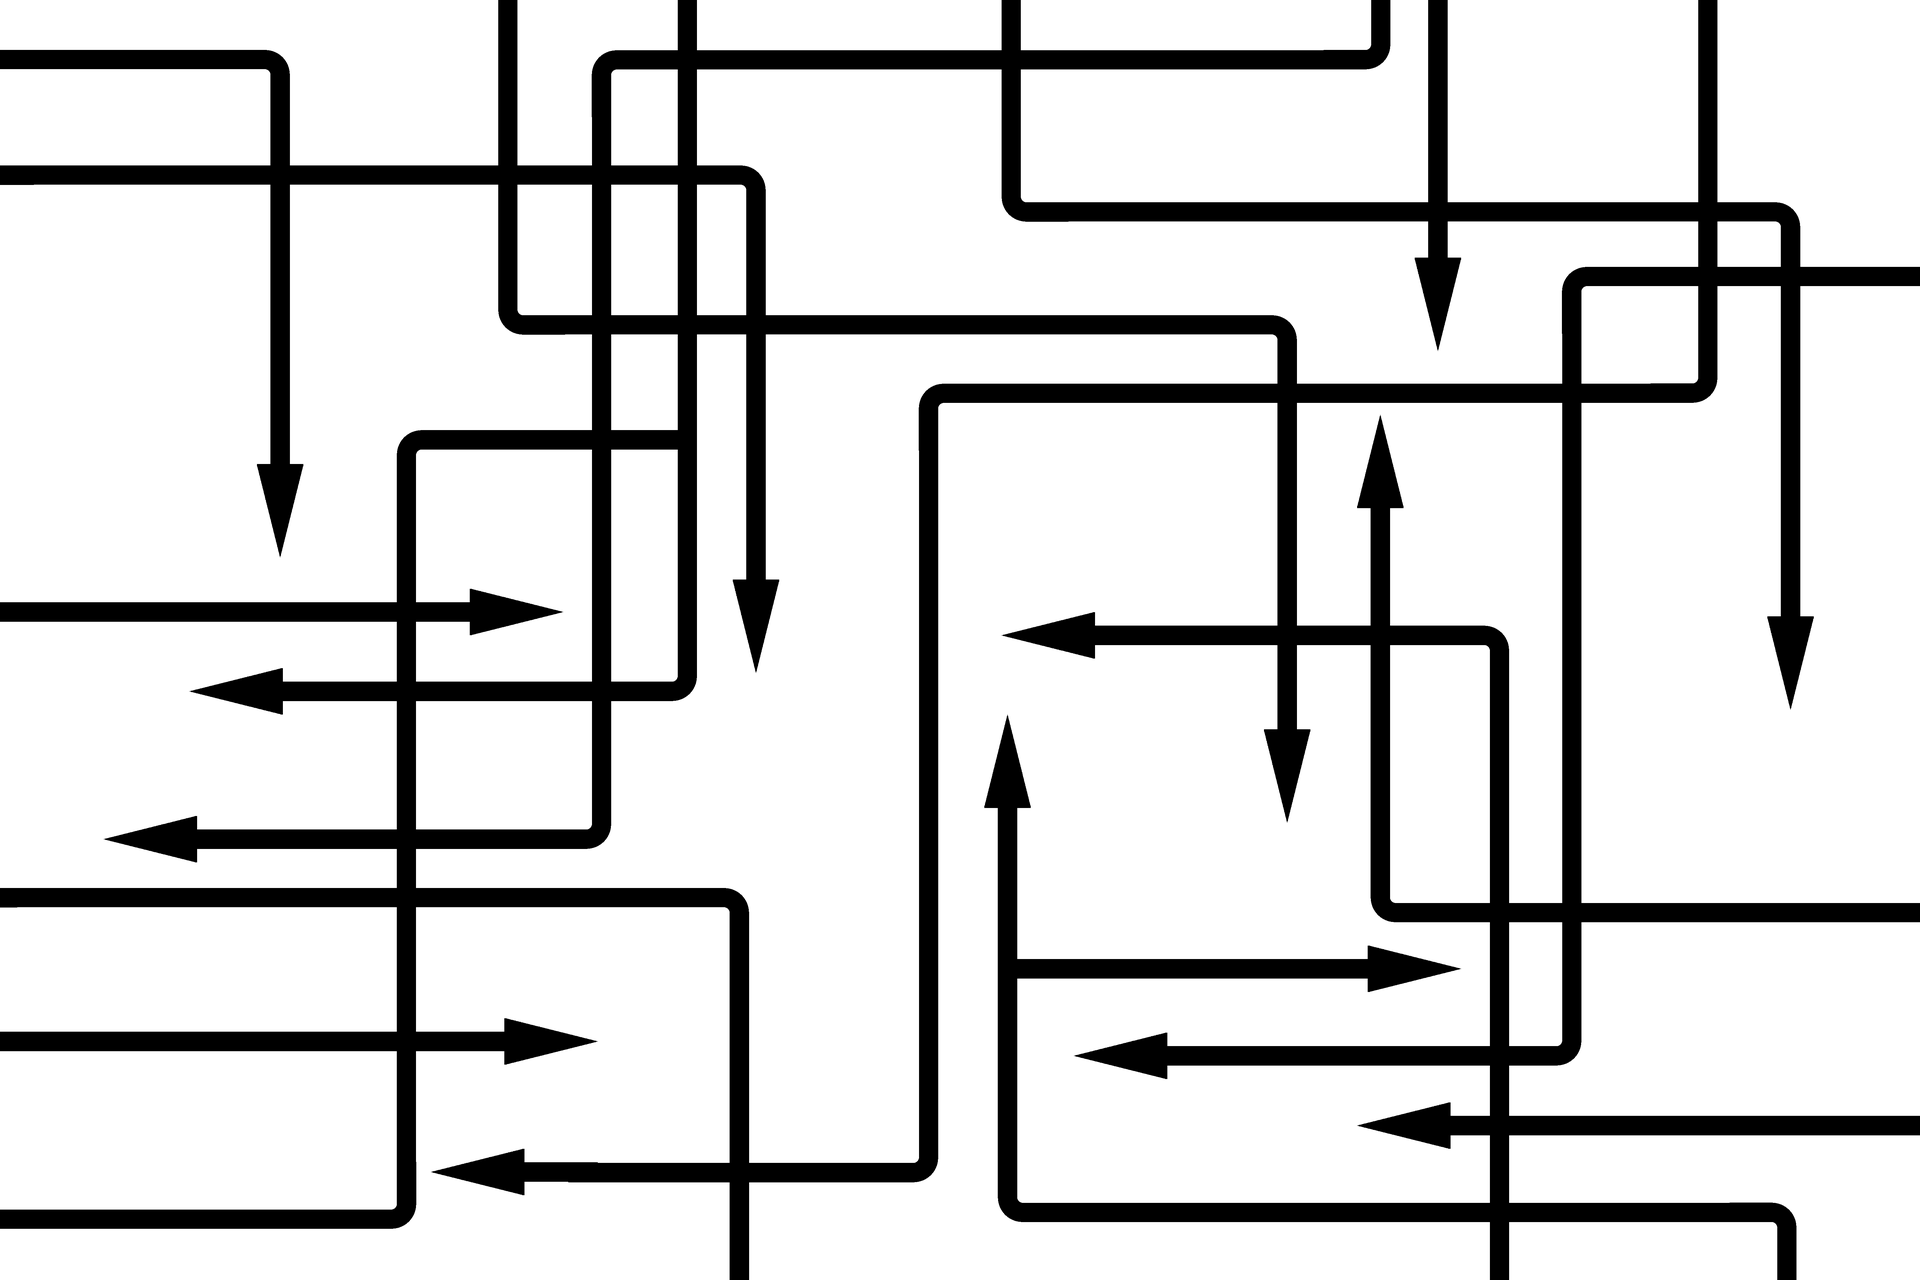 arrows-1577985_1920